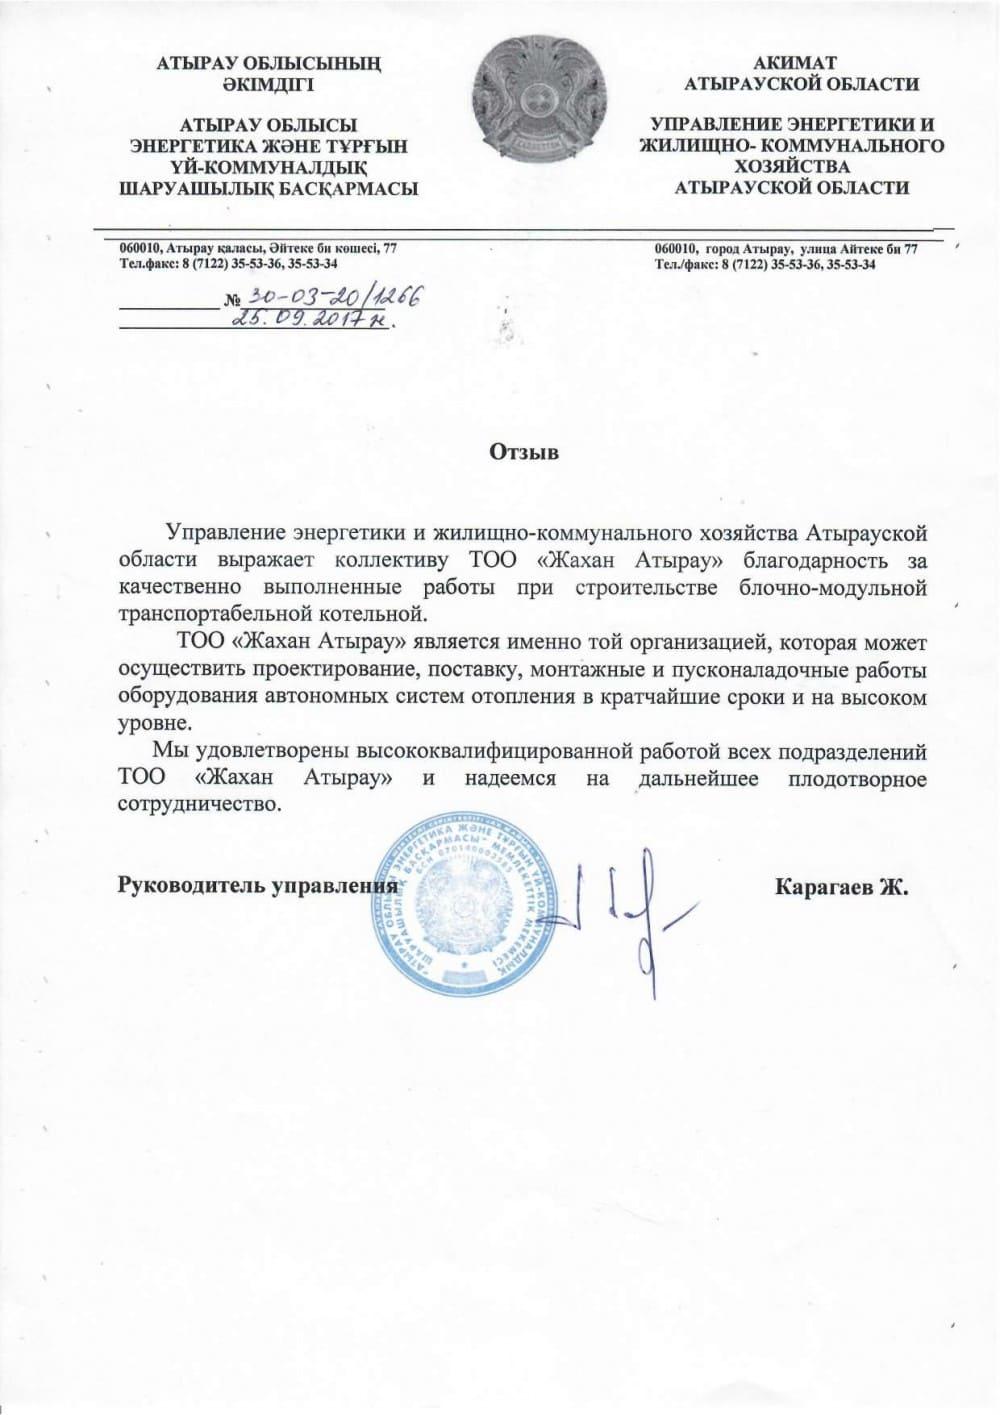 Акимат Атырауской области